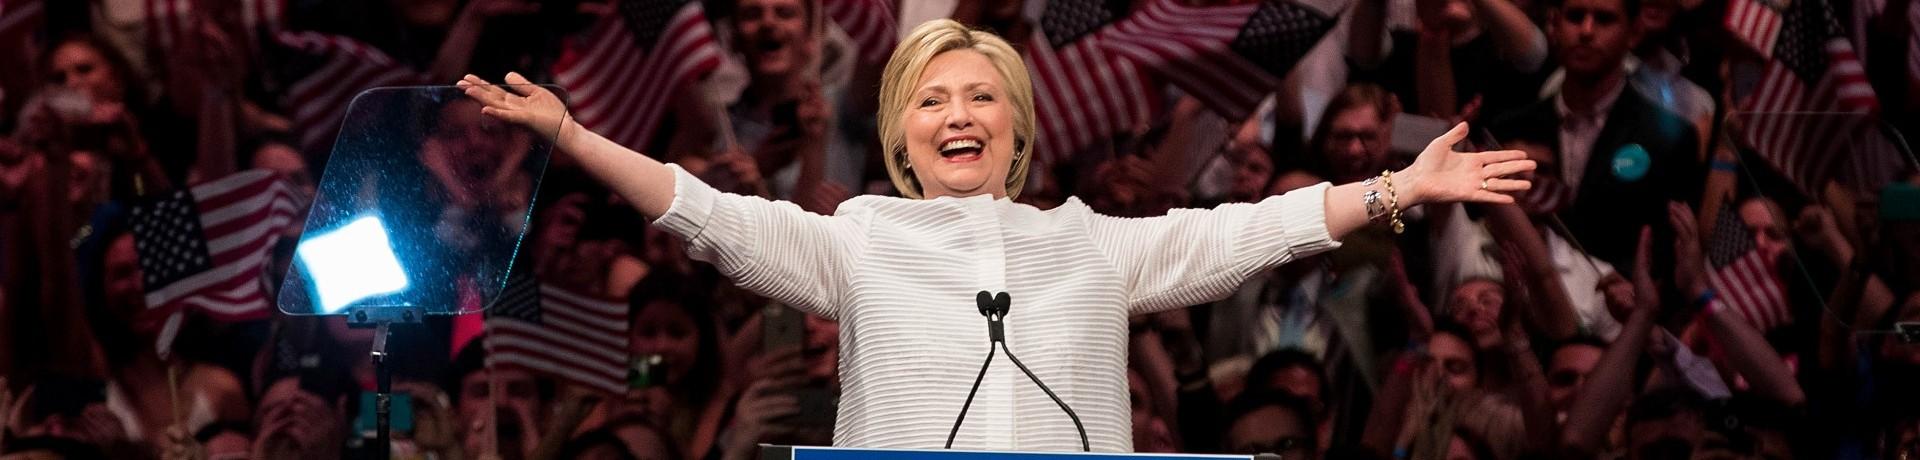 Clinton officiellement première femme à briguer la présidence américaine